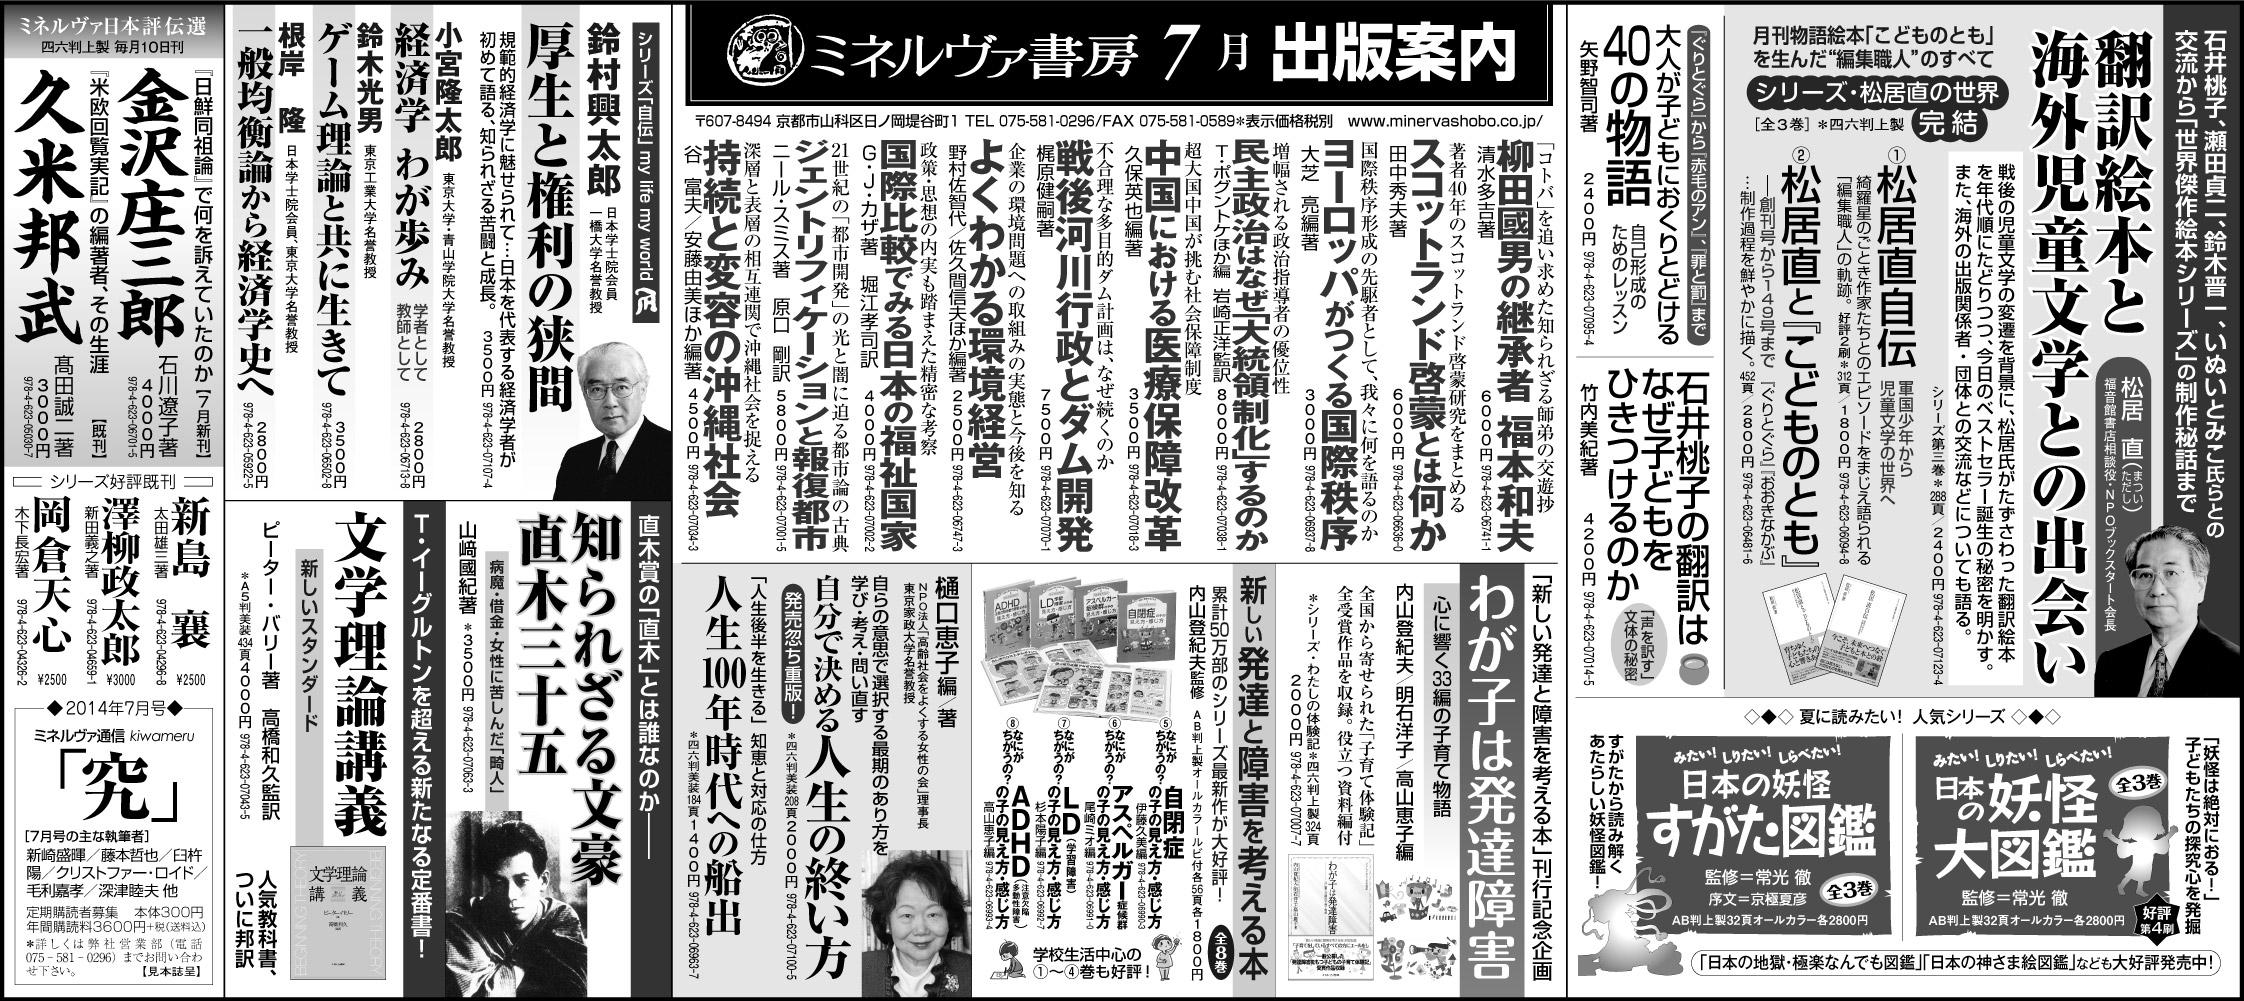 日本経済新聞全5段広告2014年7月20日掲載